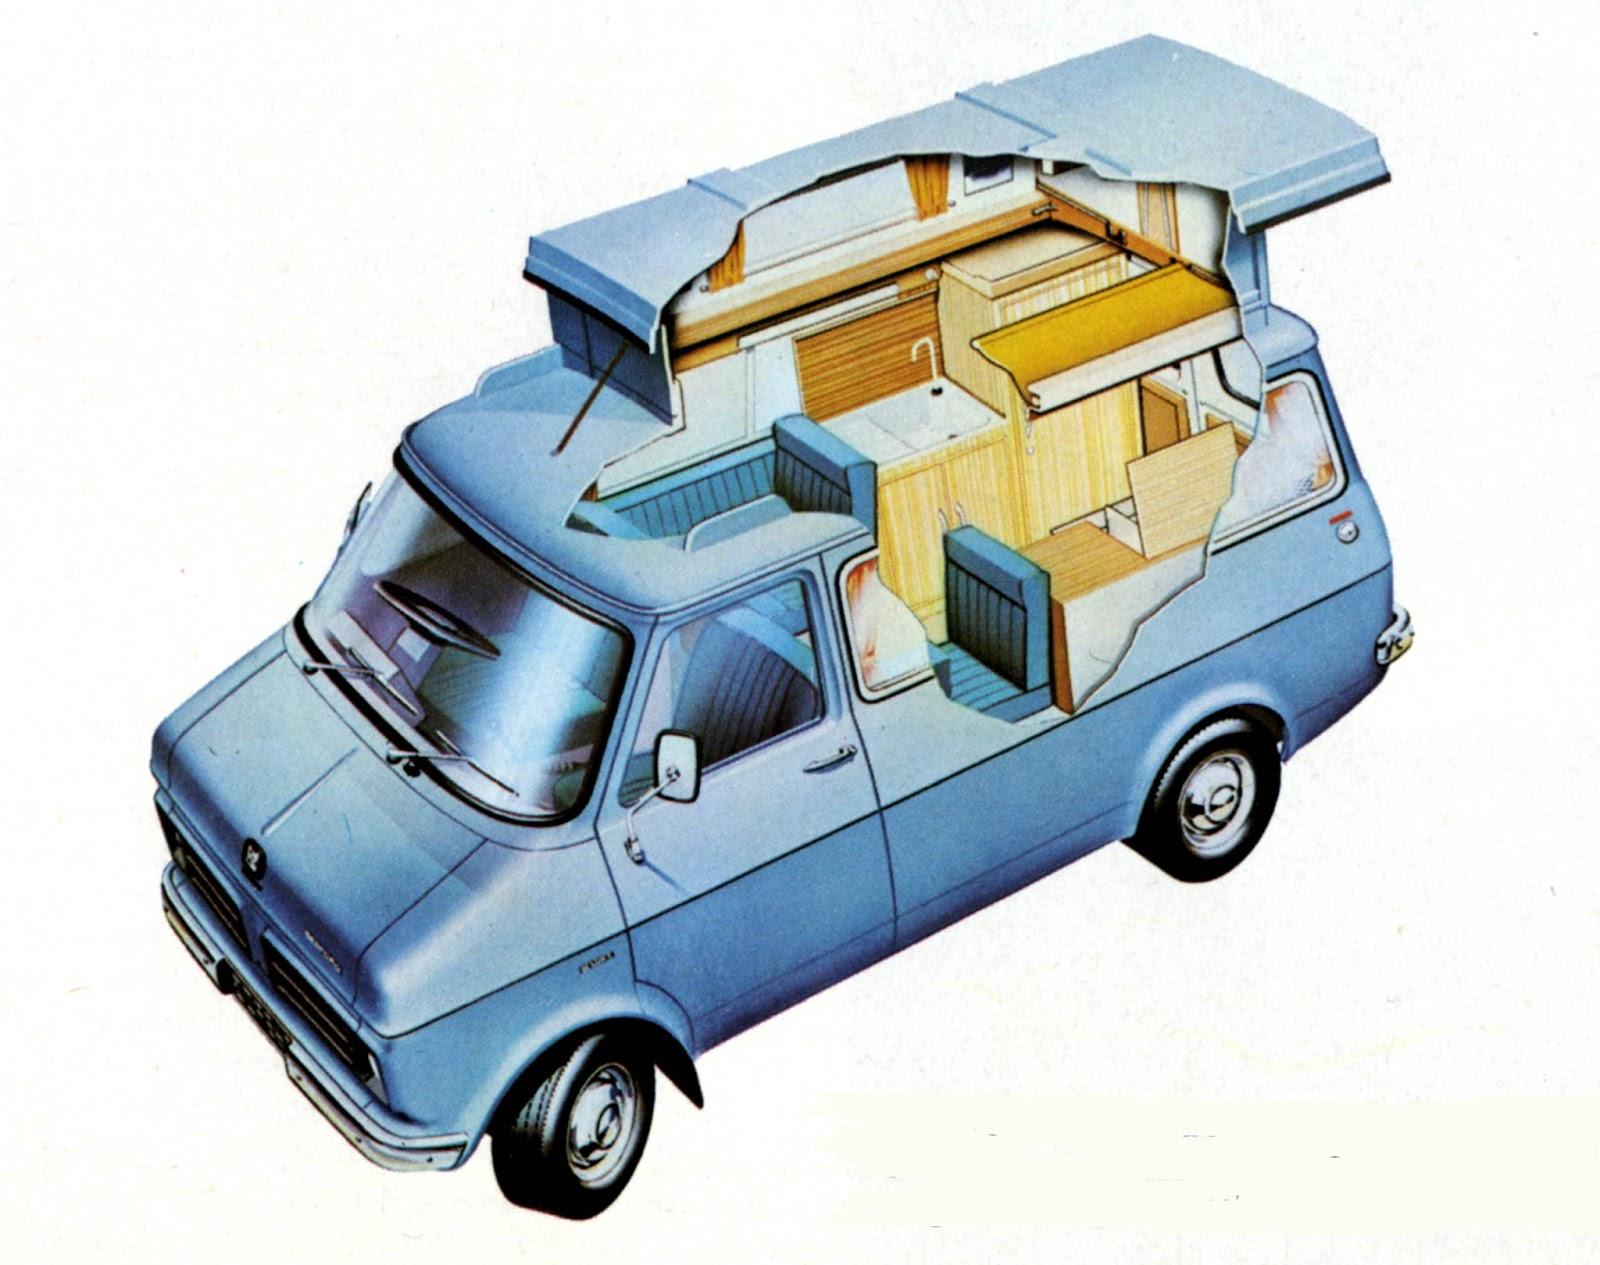 vanlife classic campervan interiors